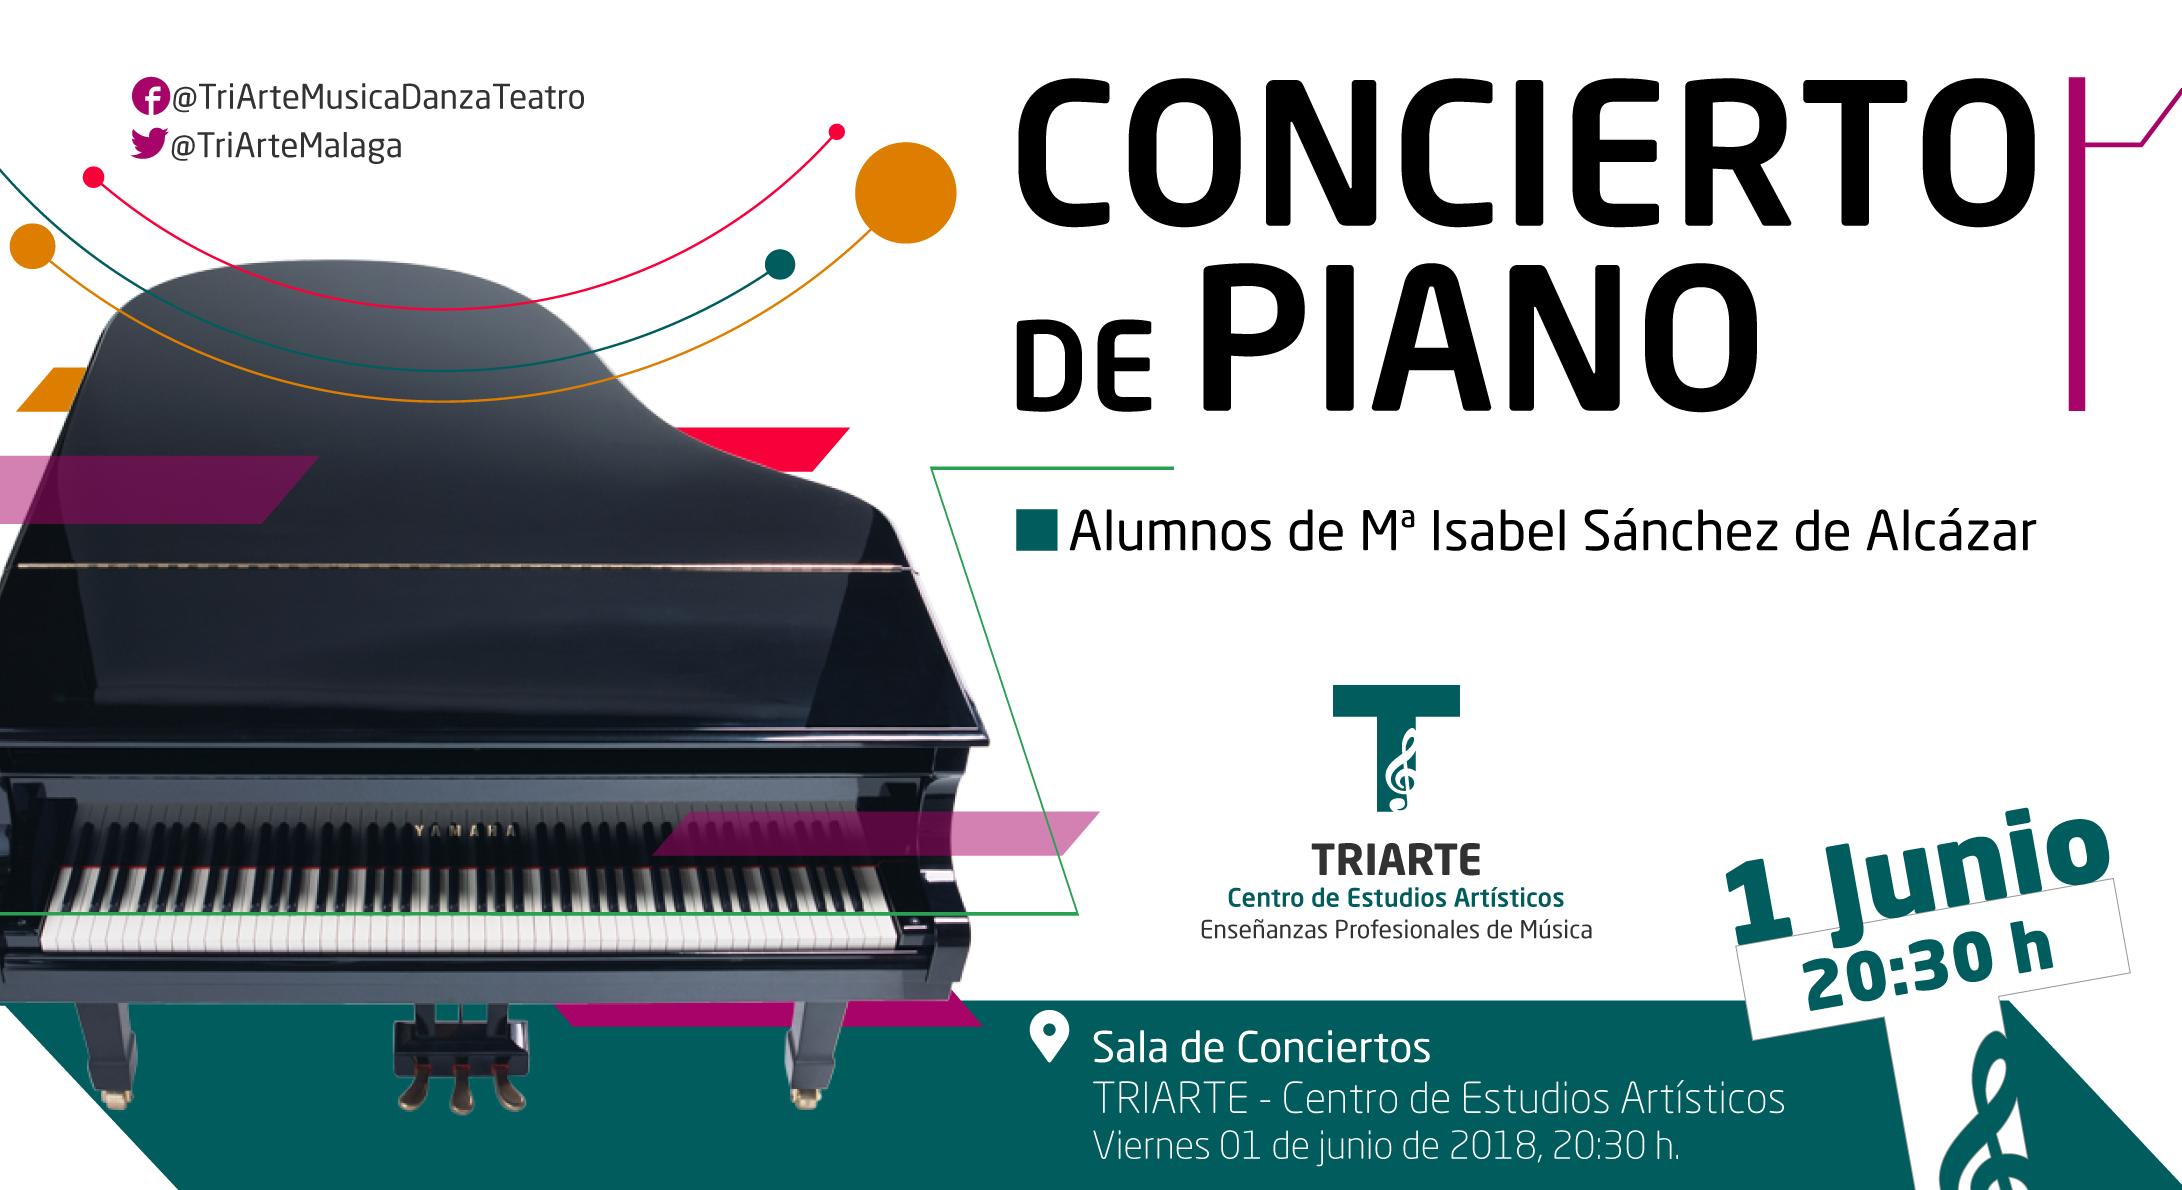 Concierto de Piano. Alumnos de TRIARTE- Centro de Estudios Artísticos, Málaga.